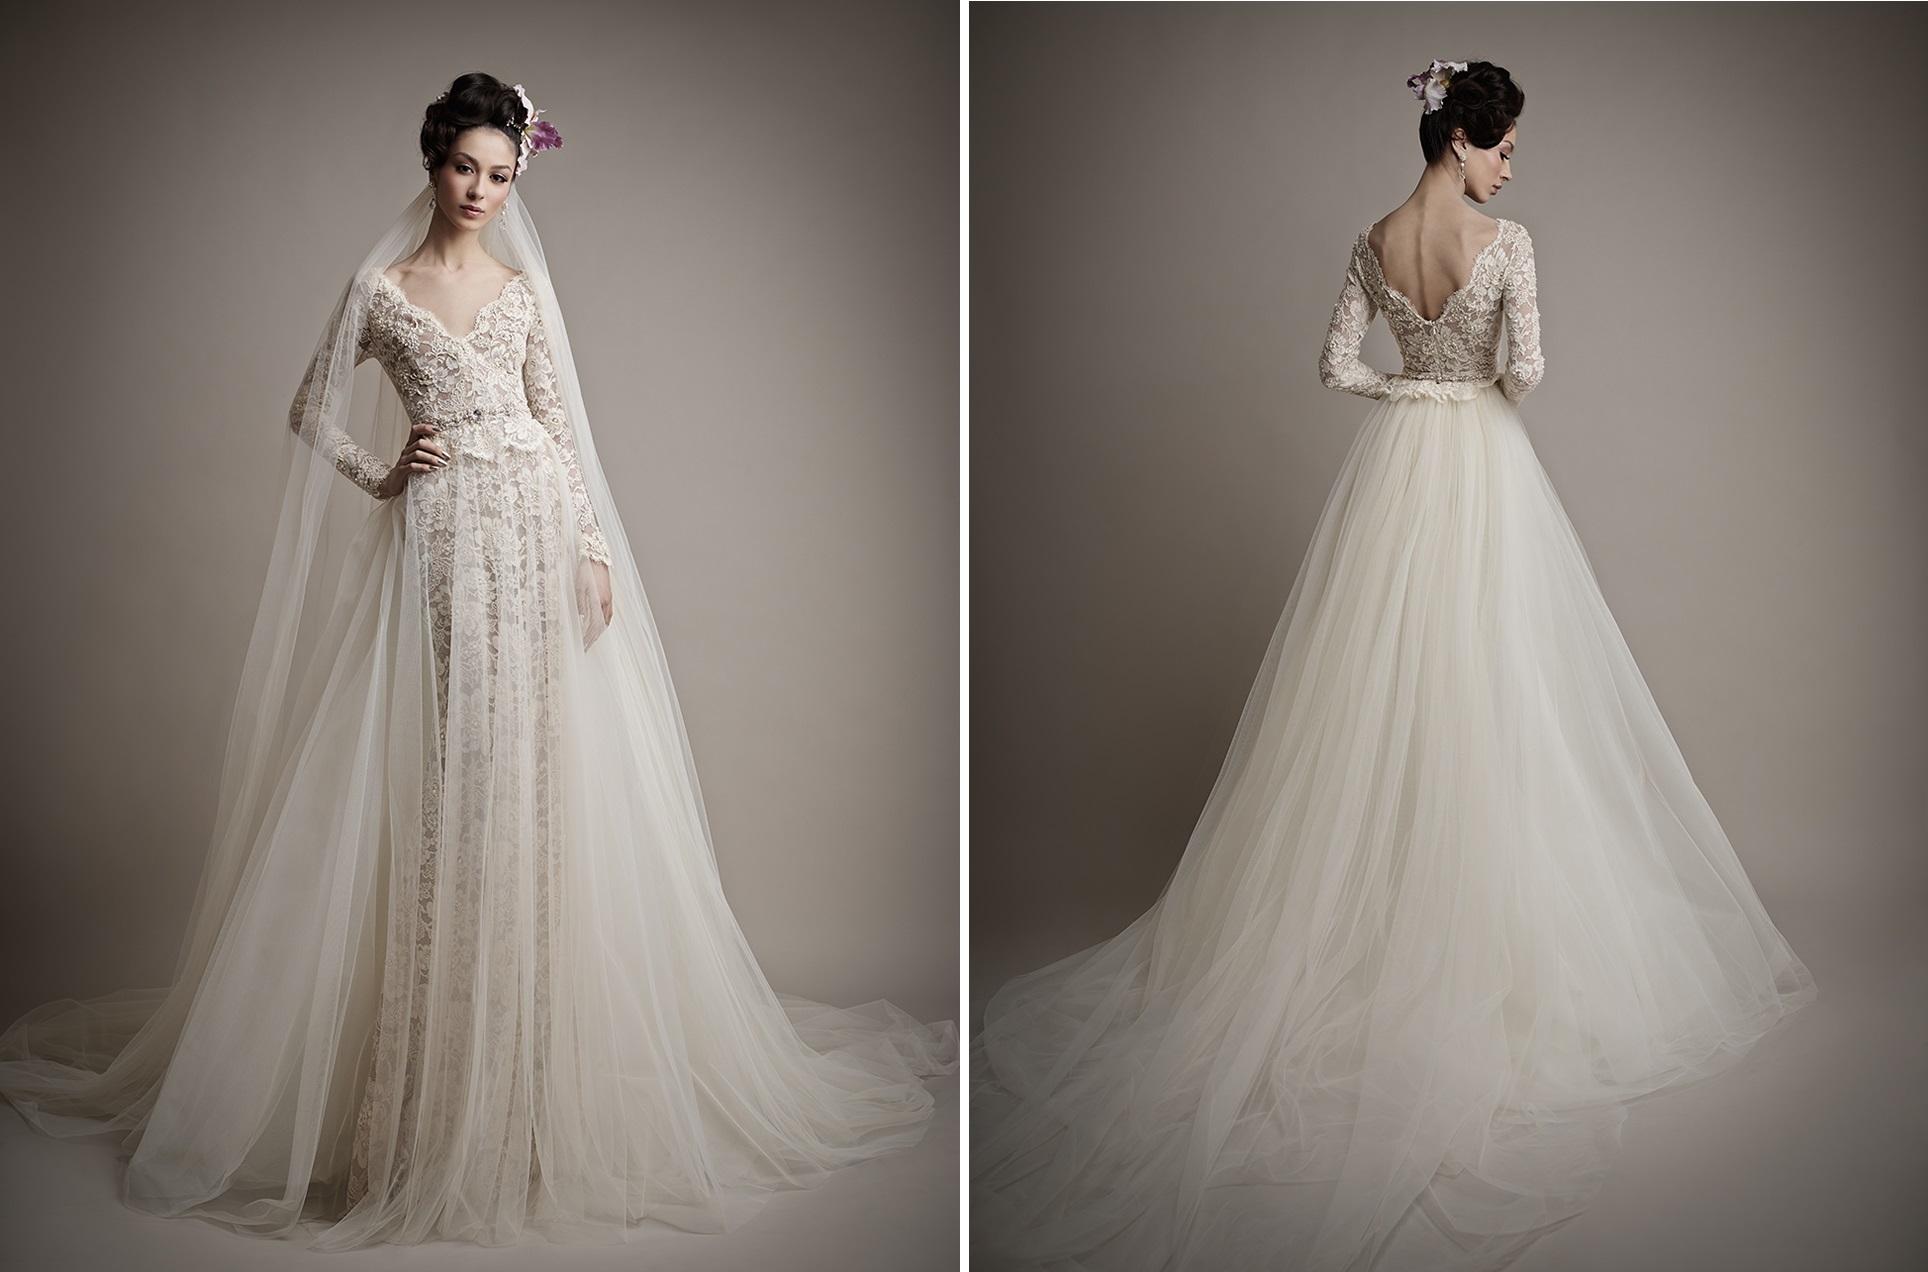 Glamorous & Elegant Wedding Dresses From Ersa Atelier